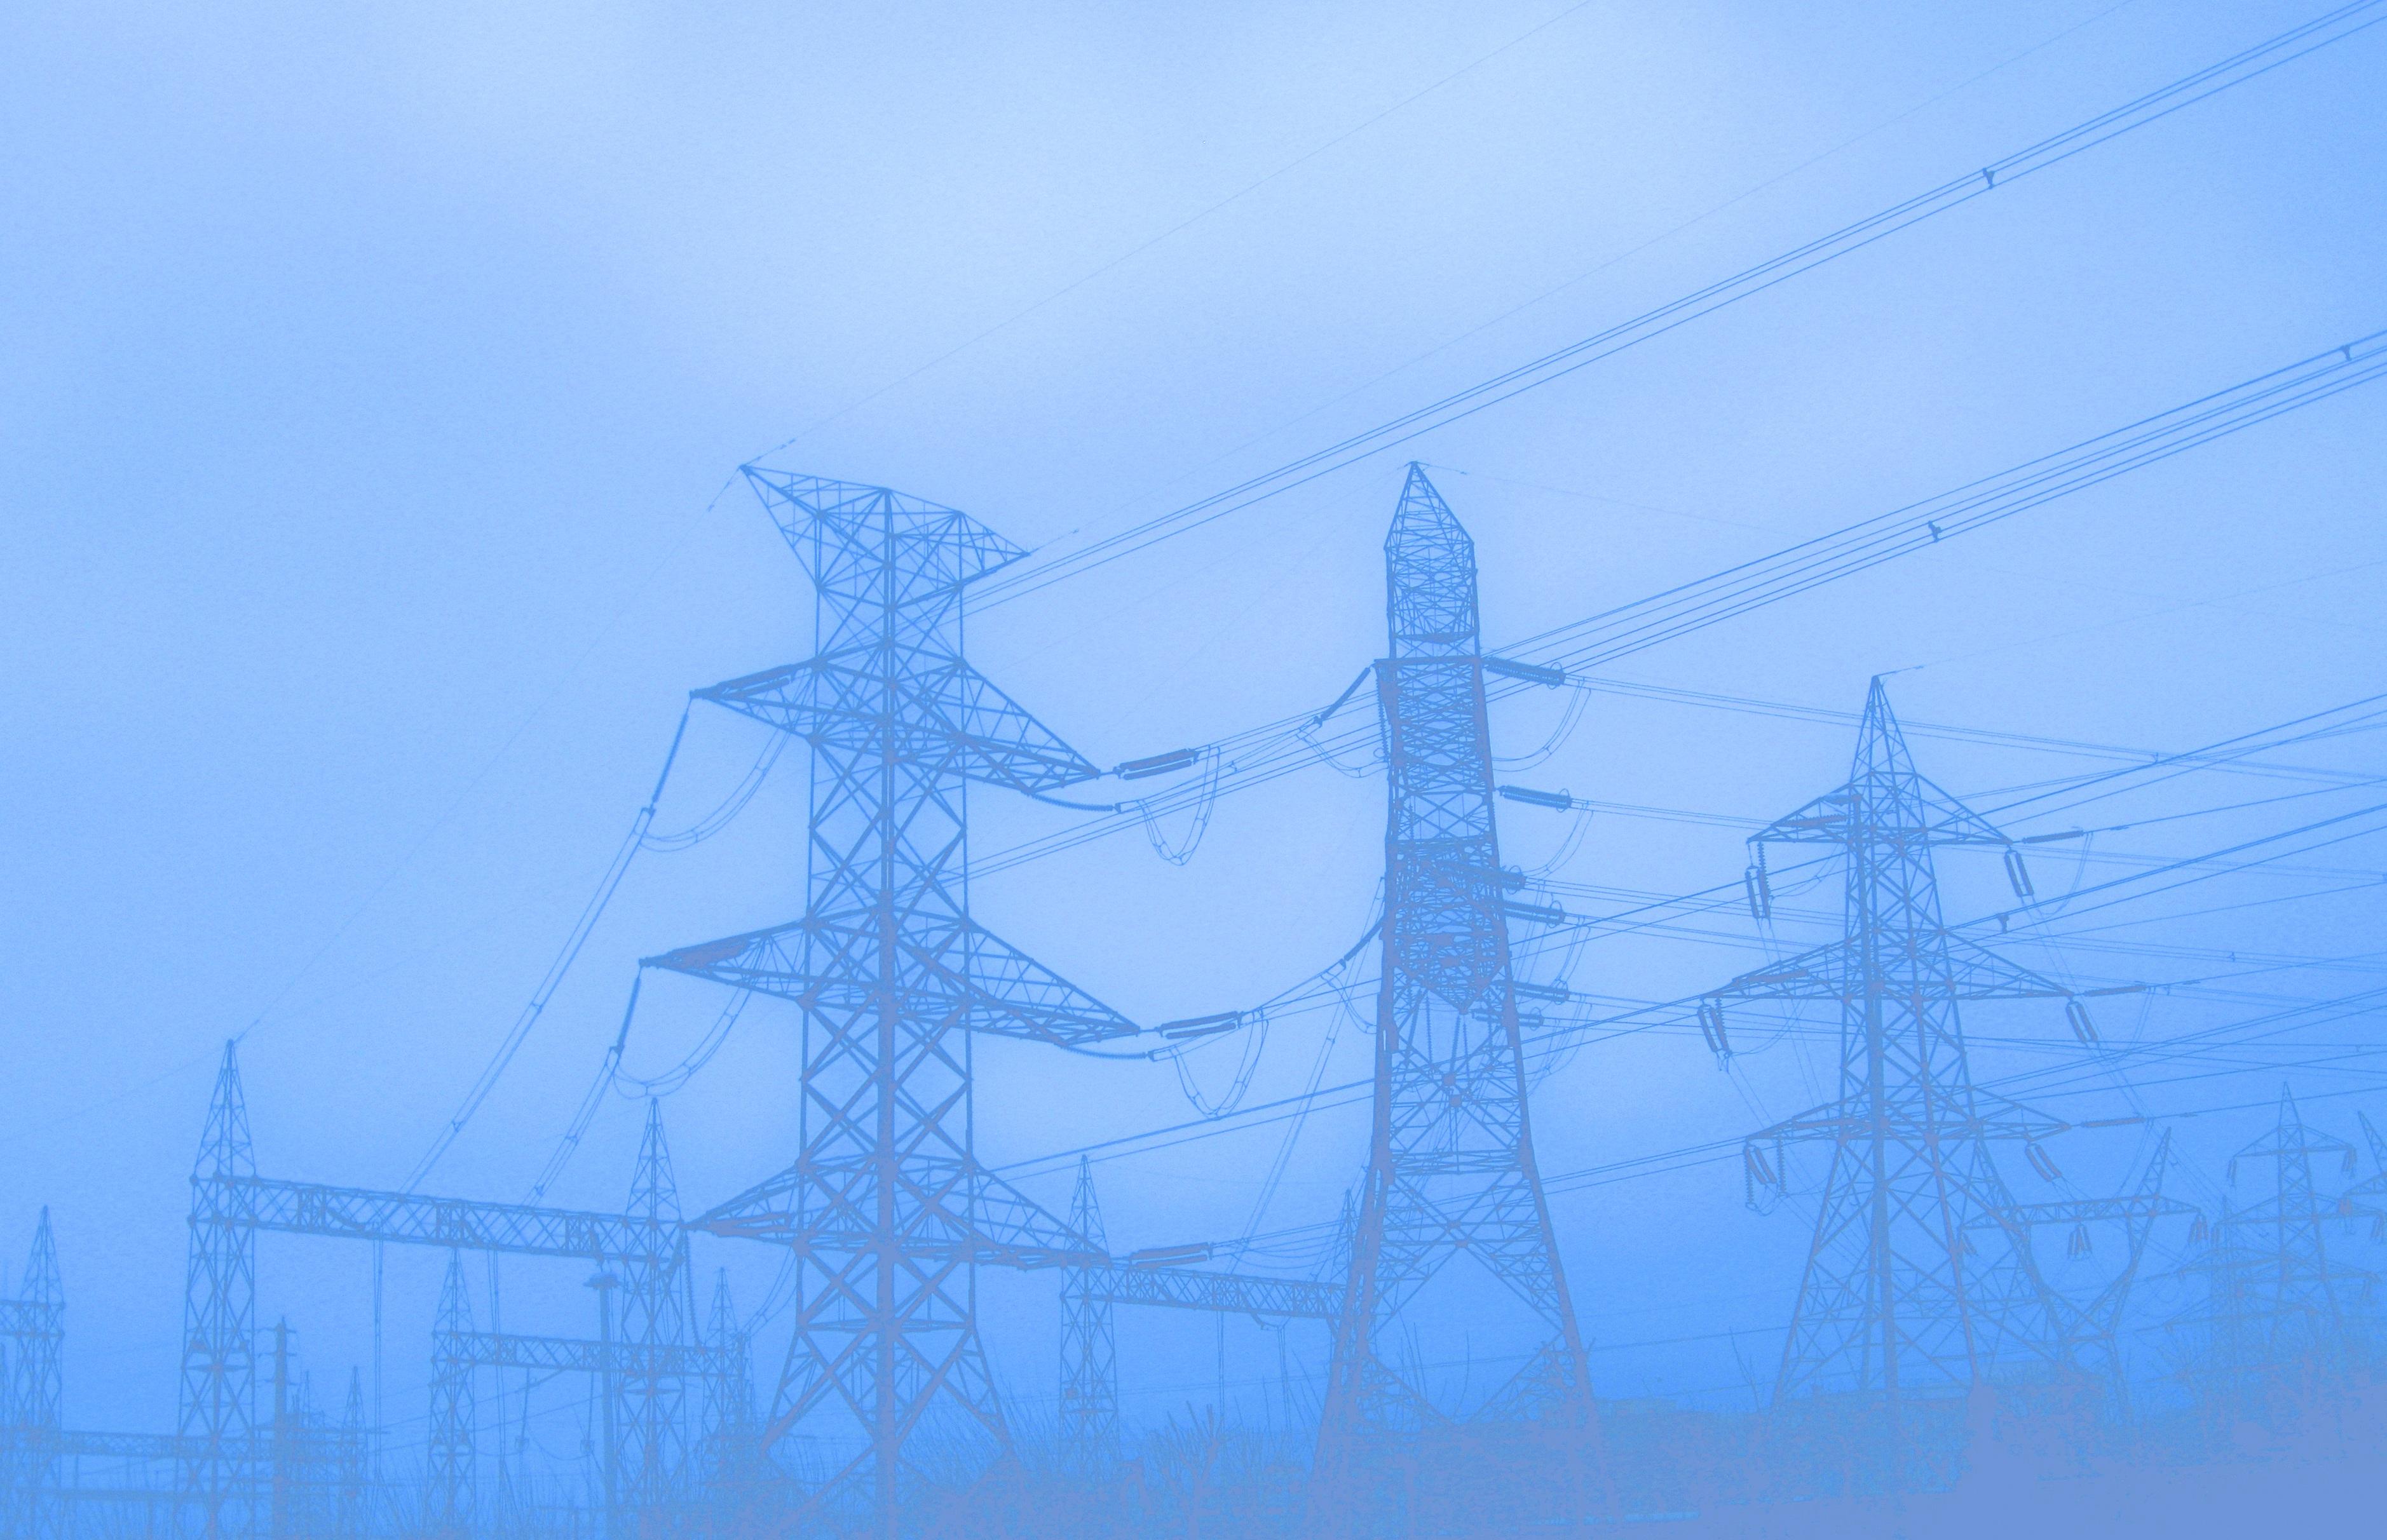 Fotos gratis : estructura, tecnología, niebla, viento, cable, acero ...